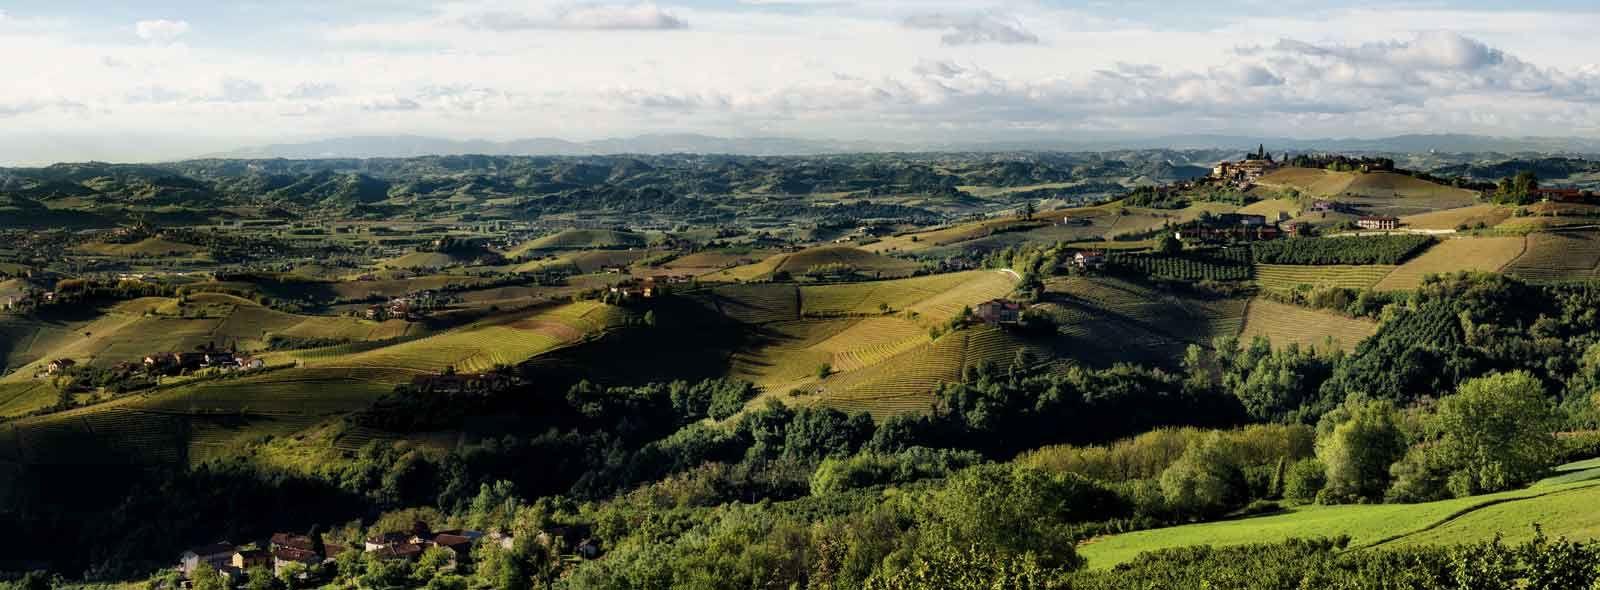 Qual è la cittadina piemontese del Roero?